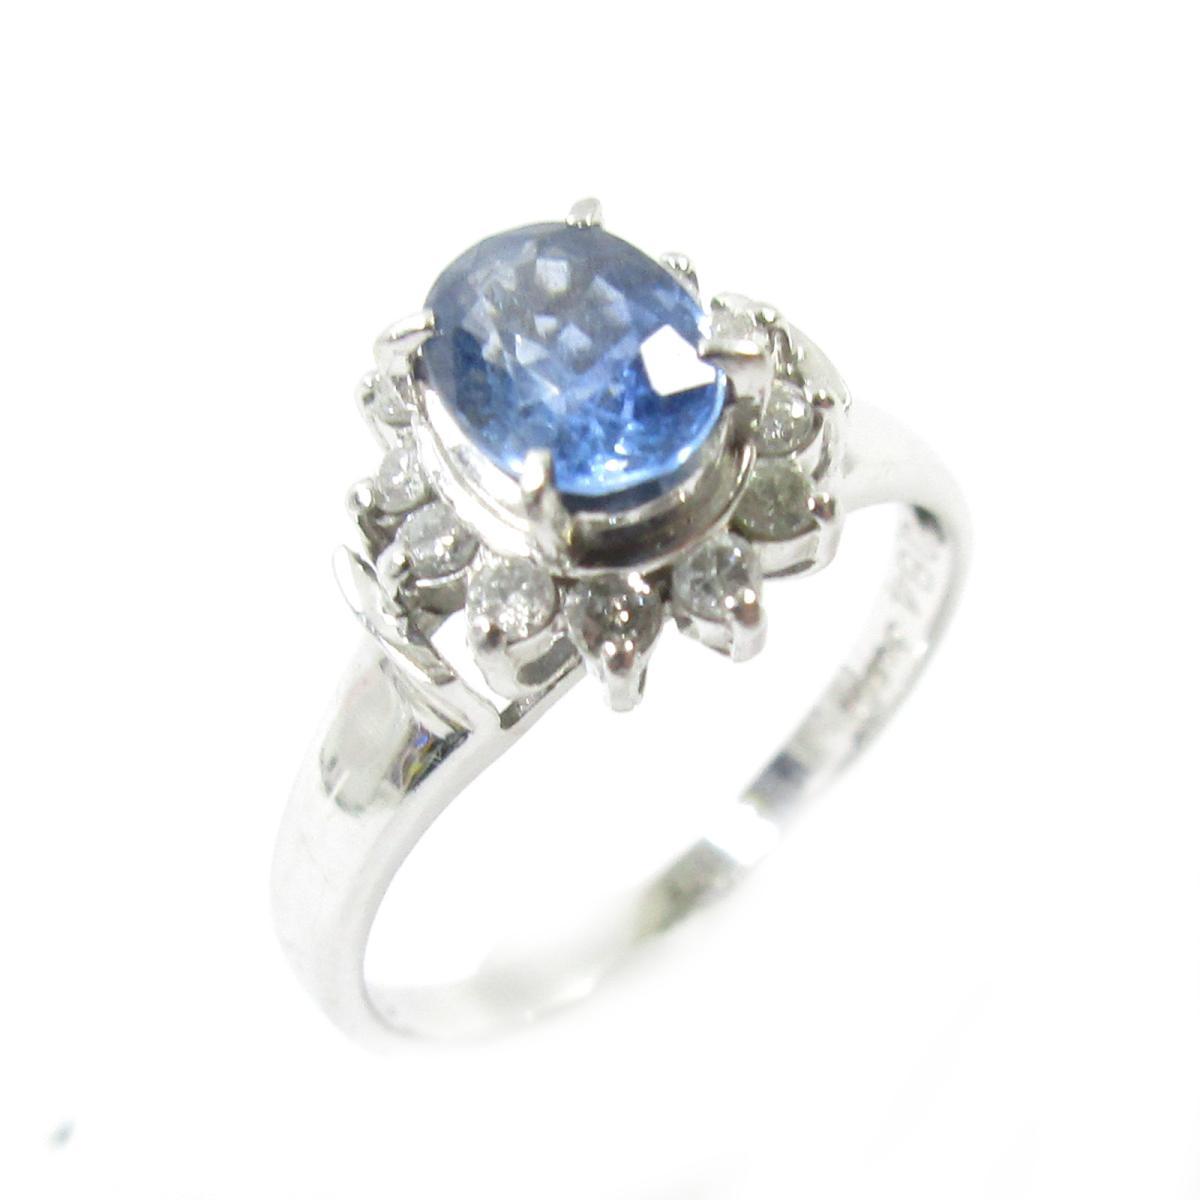 【中古】 ジュエリー サファイアリング 指輪 レディース PT900 プラチナ x サファイア0.84ct ダイヤモンド0.18ct シルバー ブルー クリアー | JEWELRY BRANDOFF ブランドオフ ブランド アクセサリー リング